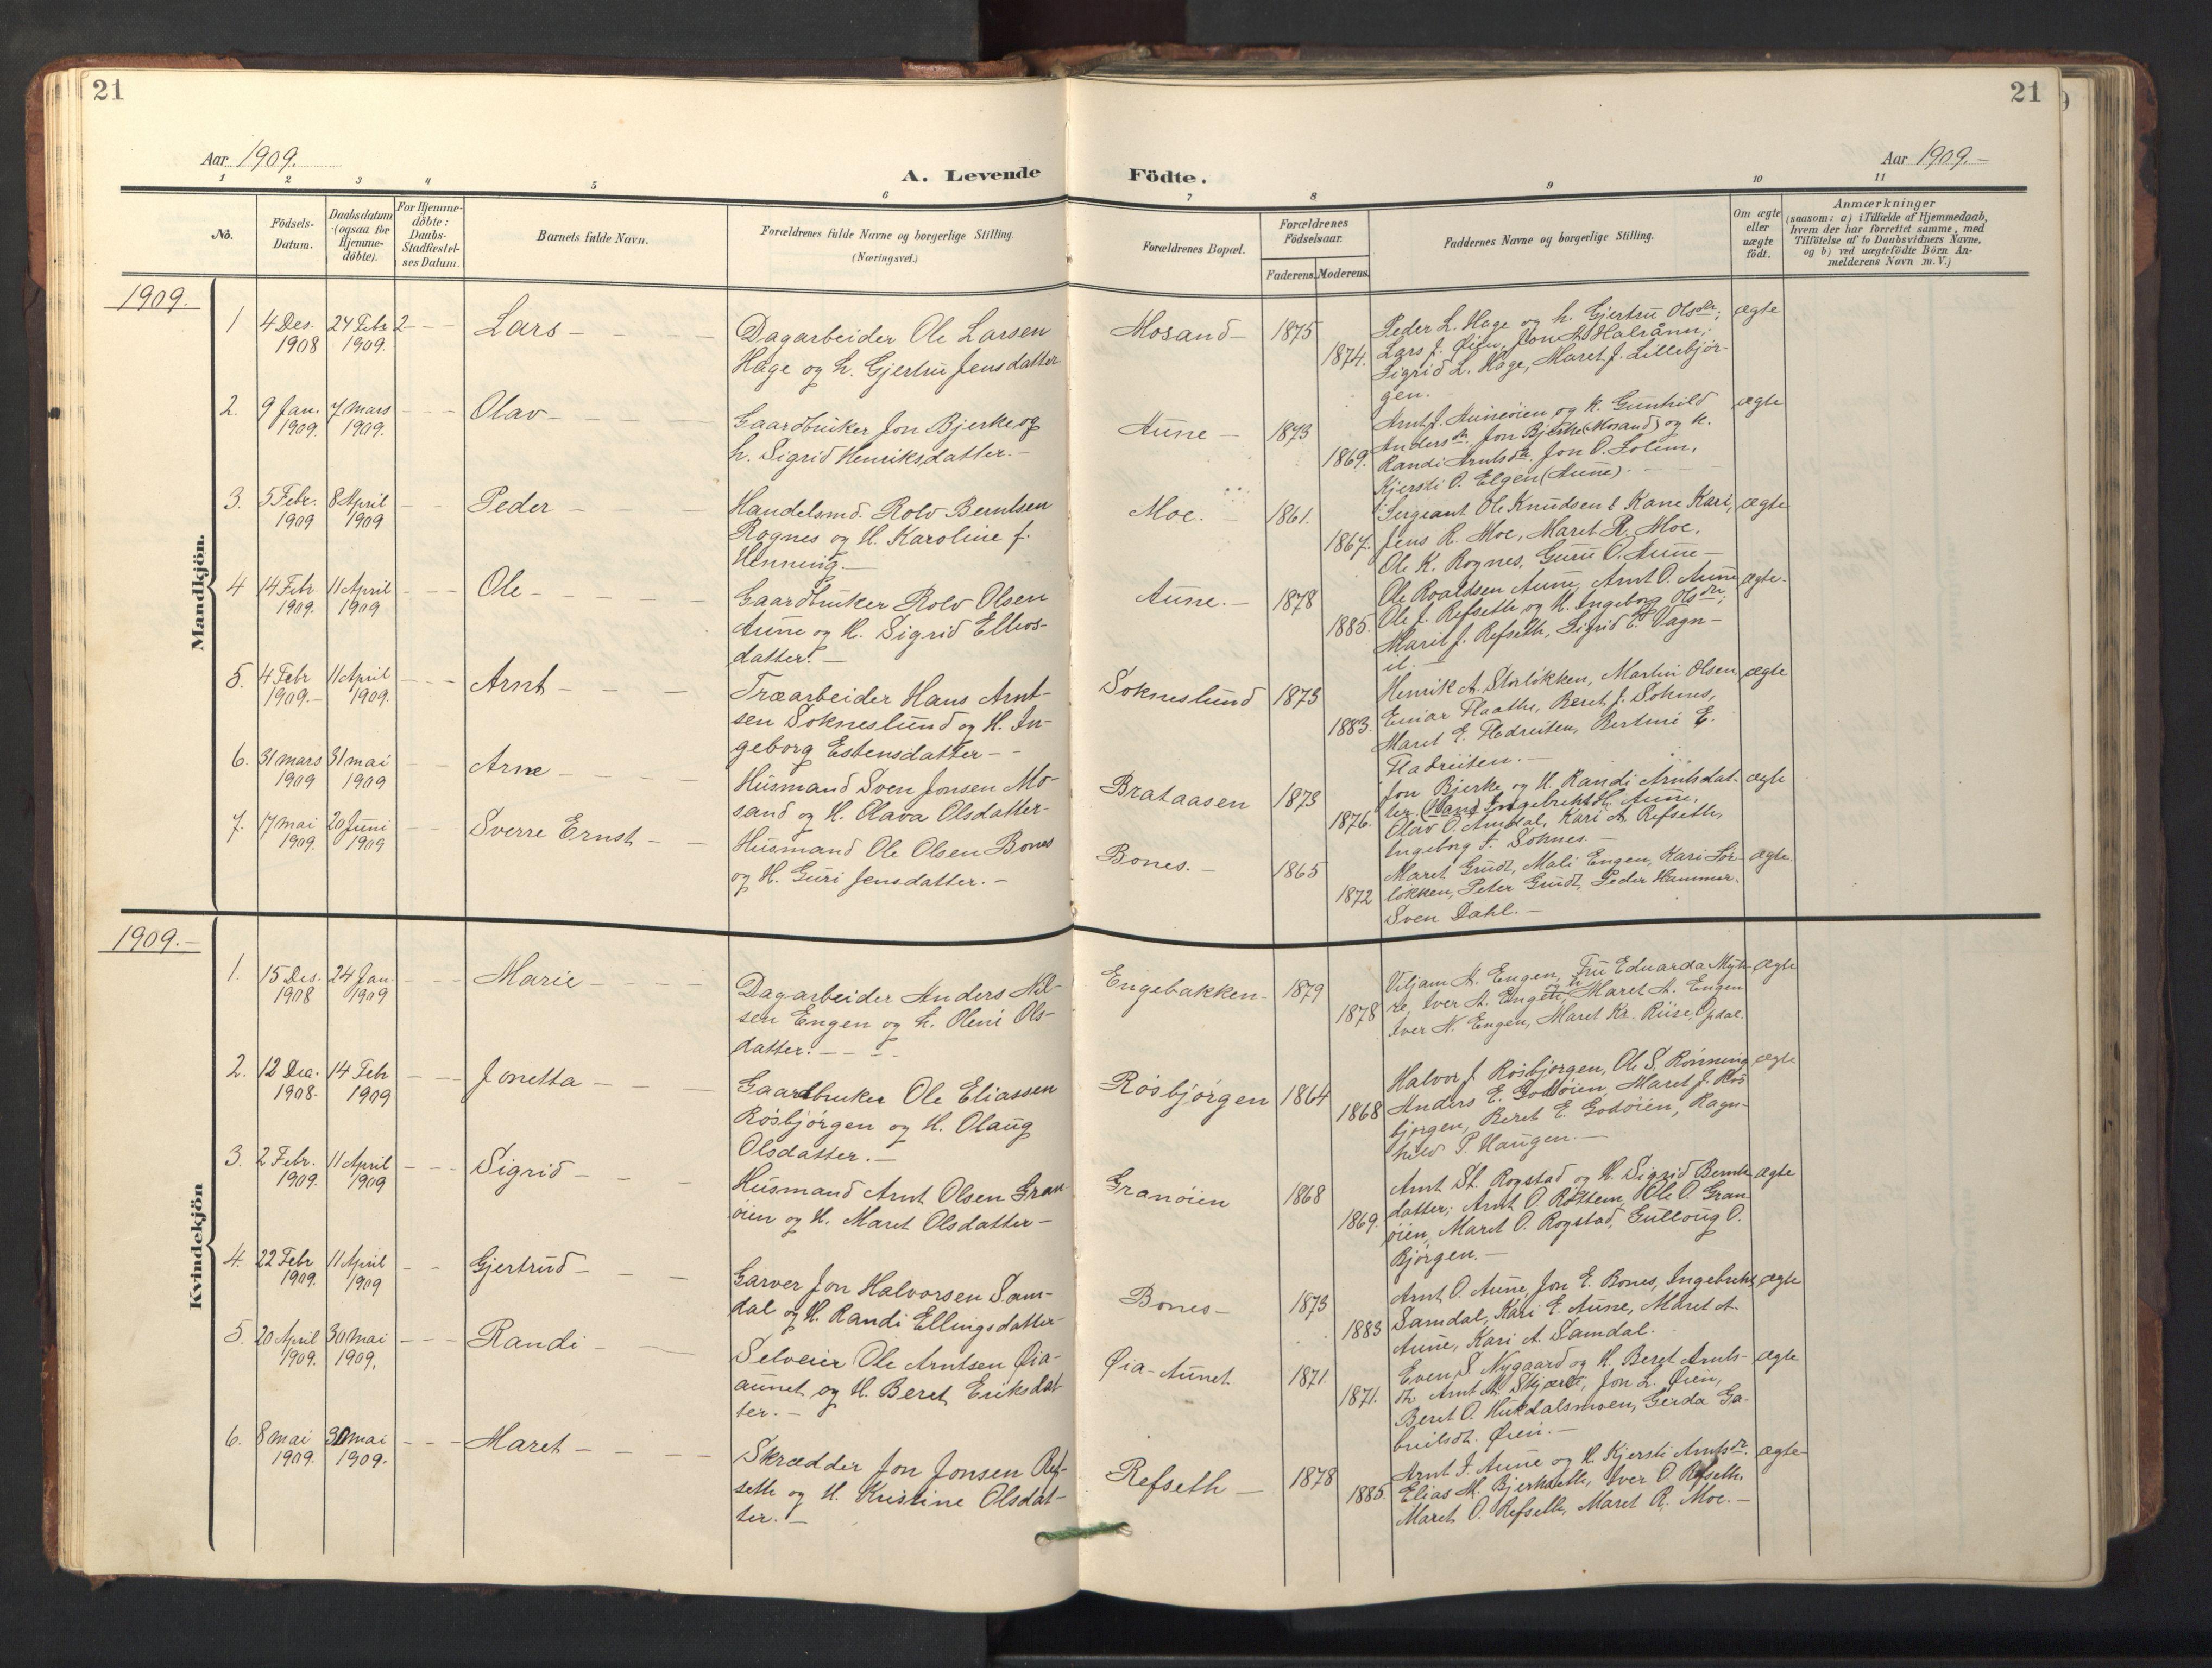 SAT, Ministerialprotokoller, klokkerbøker og fødselsregistre - Sør-Trøndelag, 687/L1019: Klokkerbok nr. 687C03, 1904-1931, s. 21